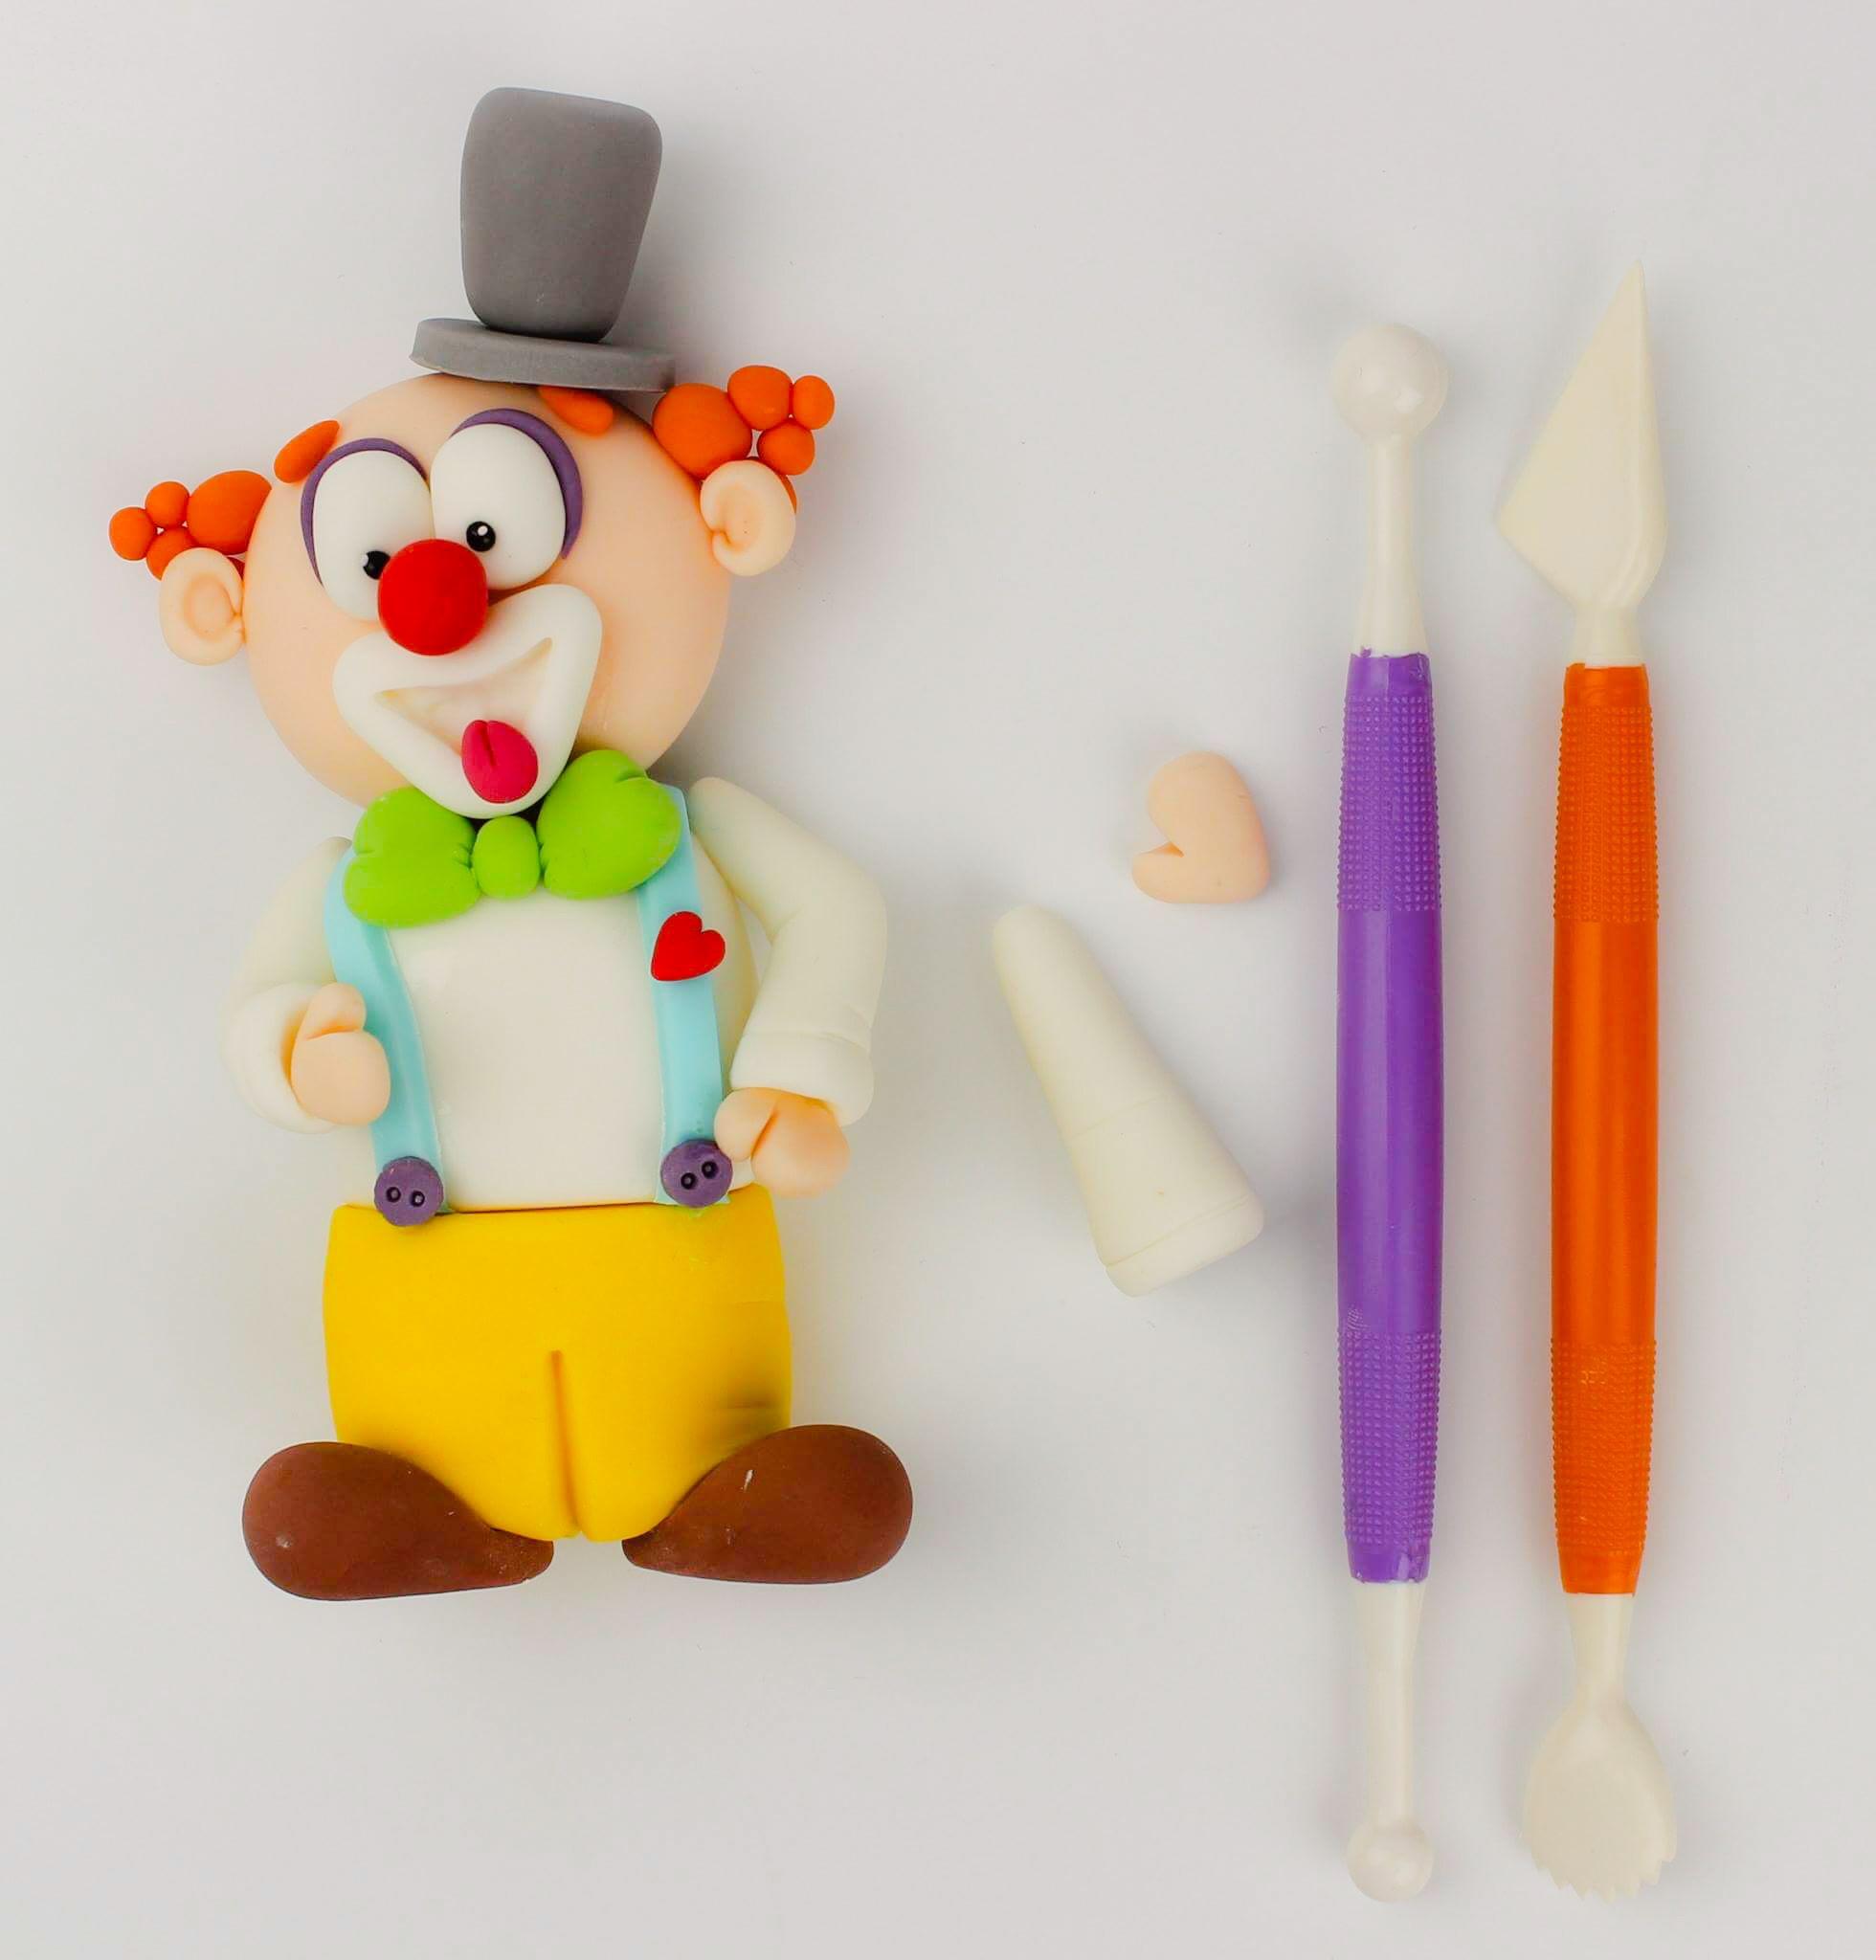 clown-16.JPG#asset:19568